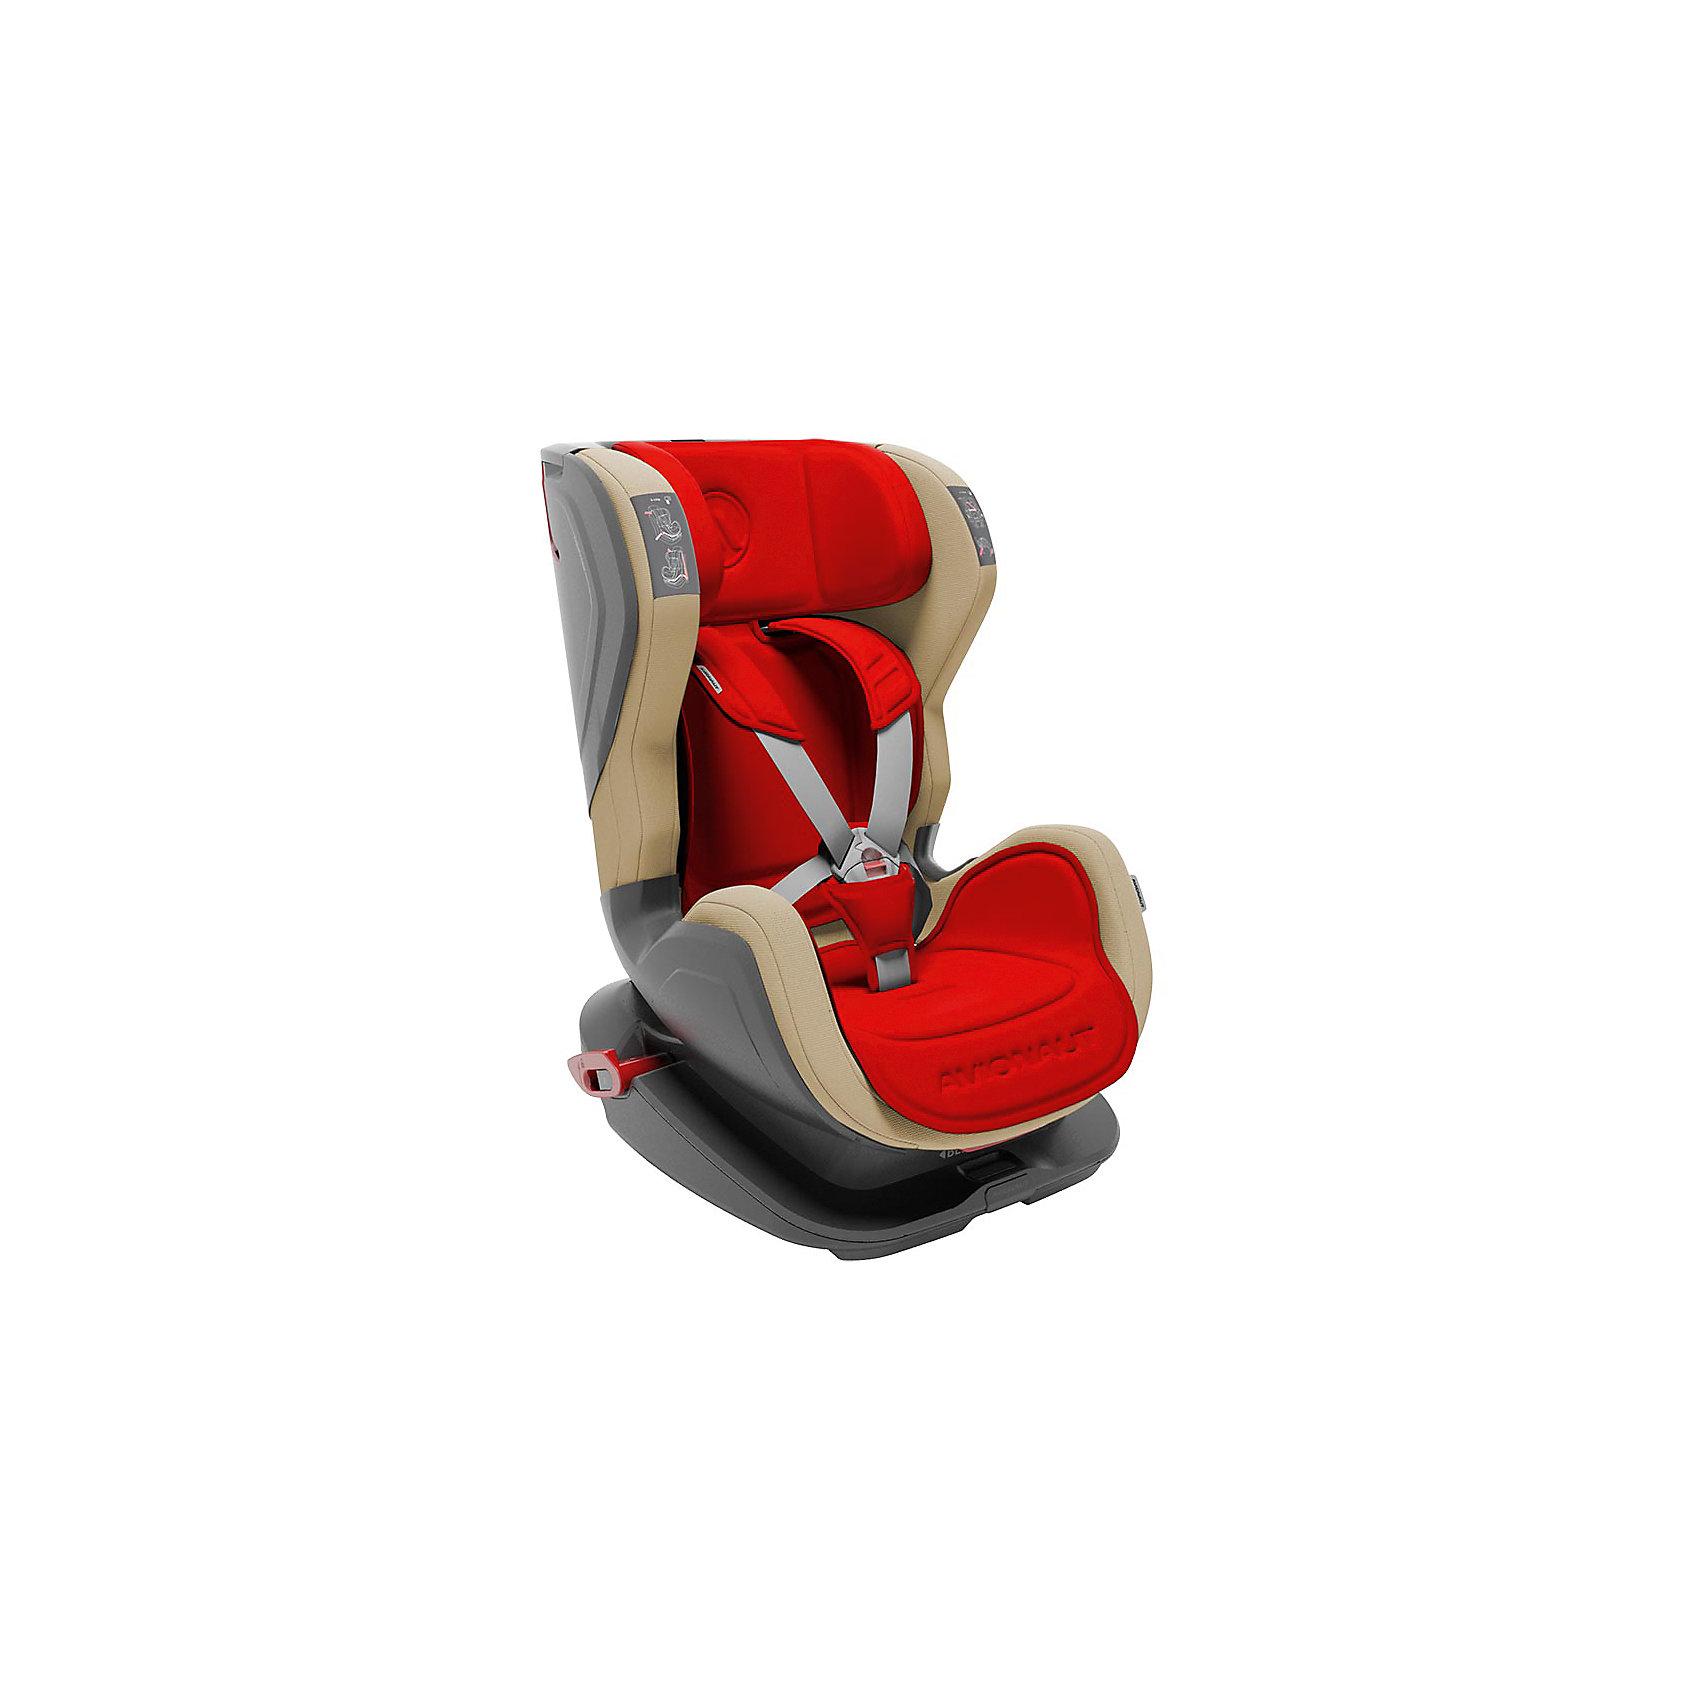 Автокресло Avionaut GLIDER, 9-25кг, красный/бежевый